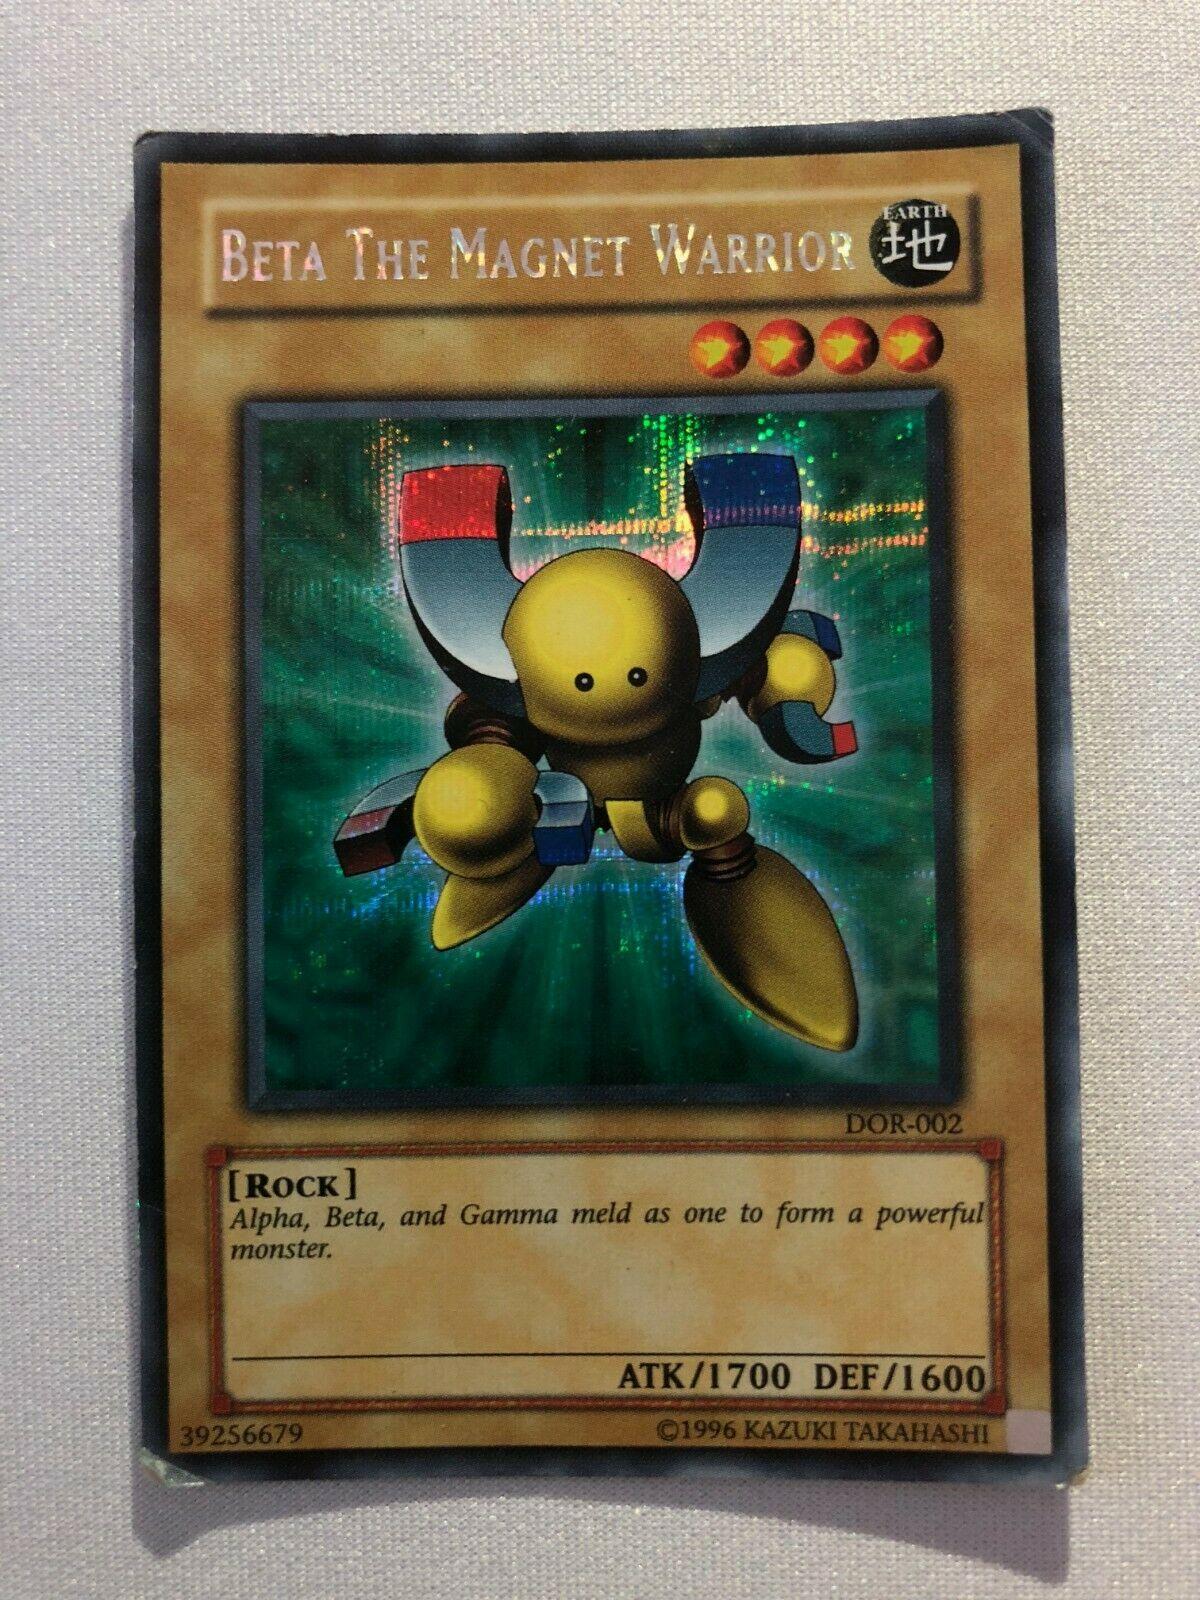 DOR-E002 Beta The Magnet Warrior Secret Rare